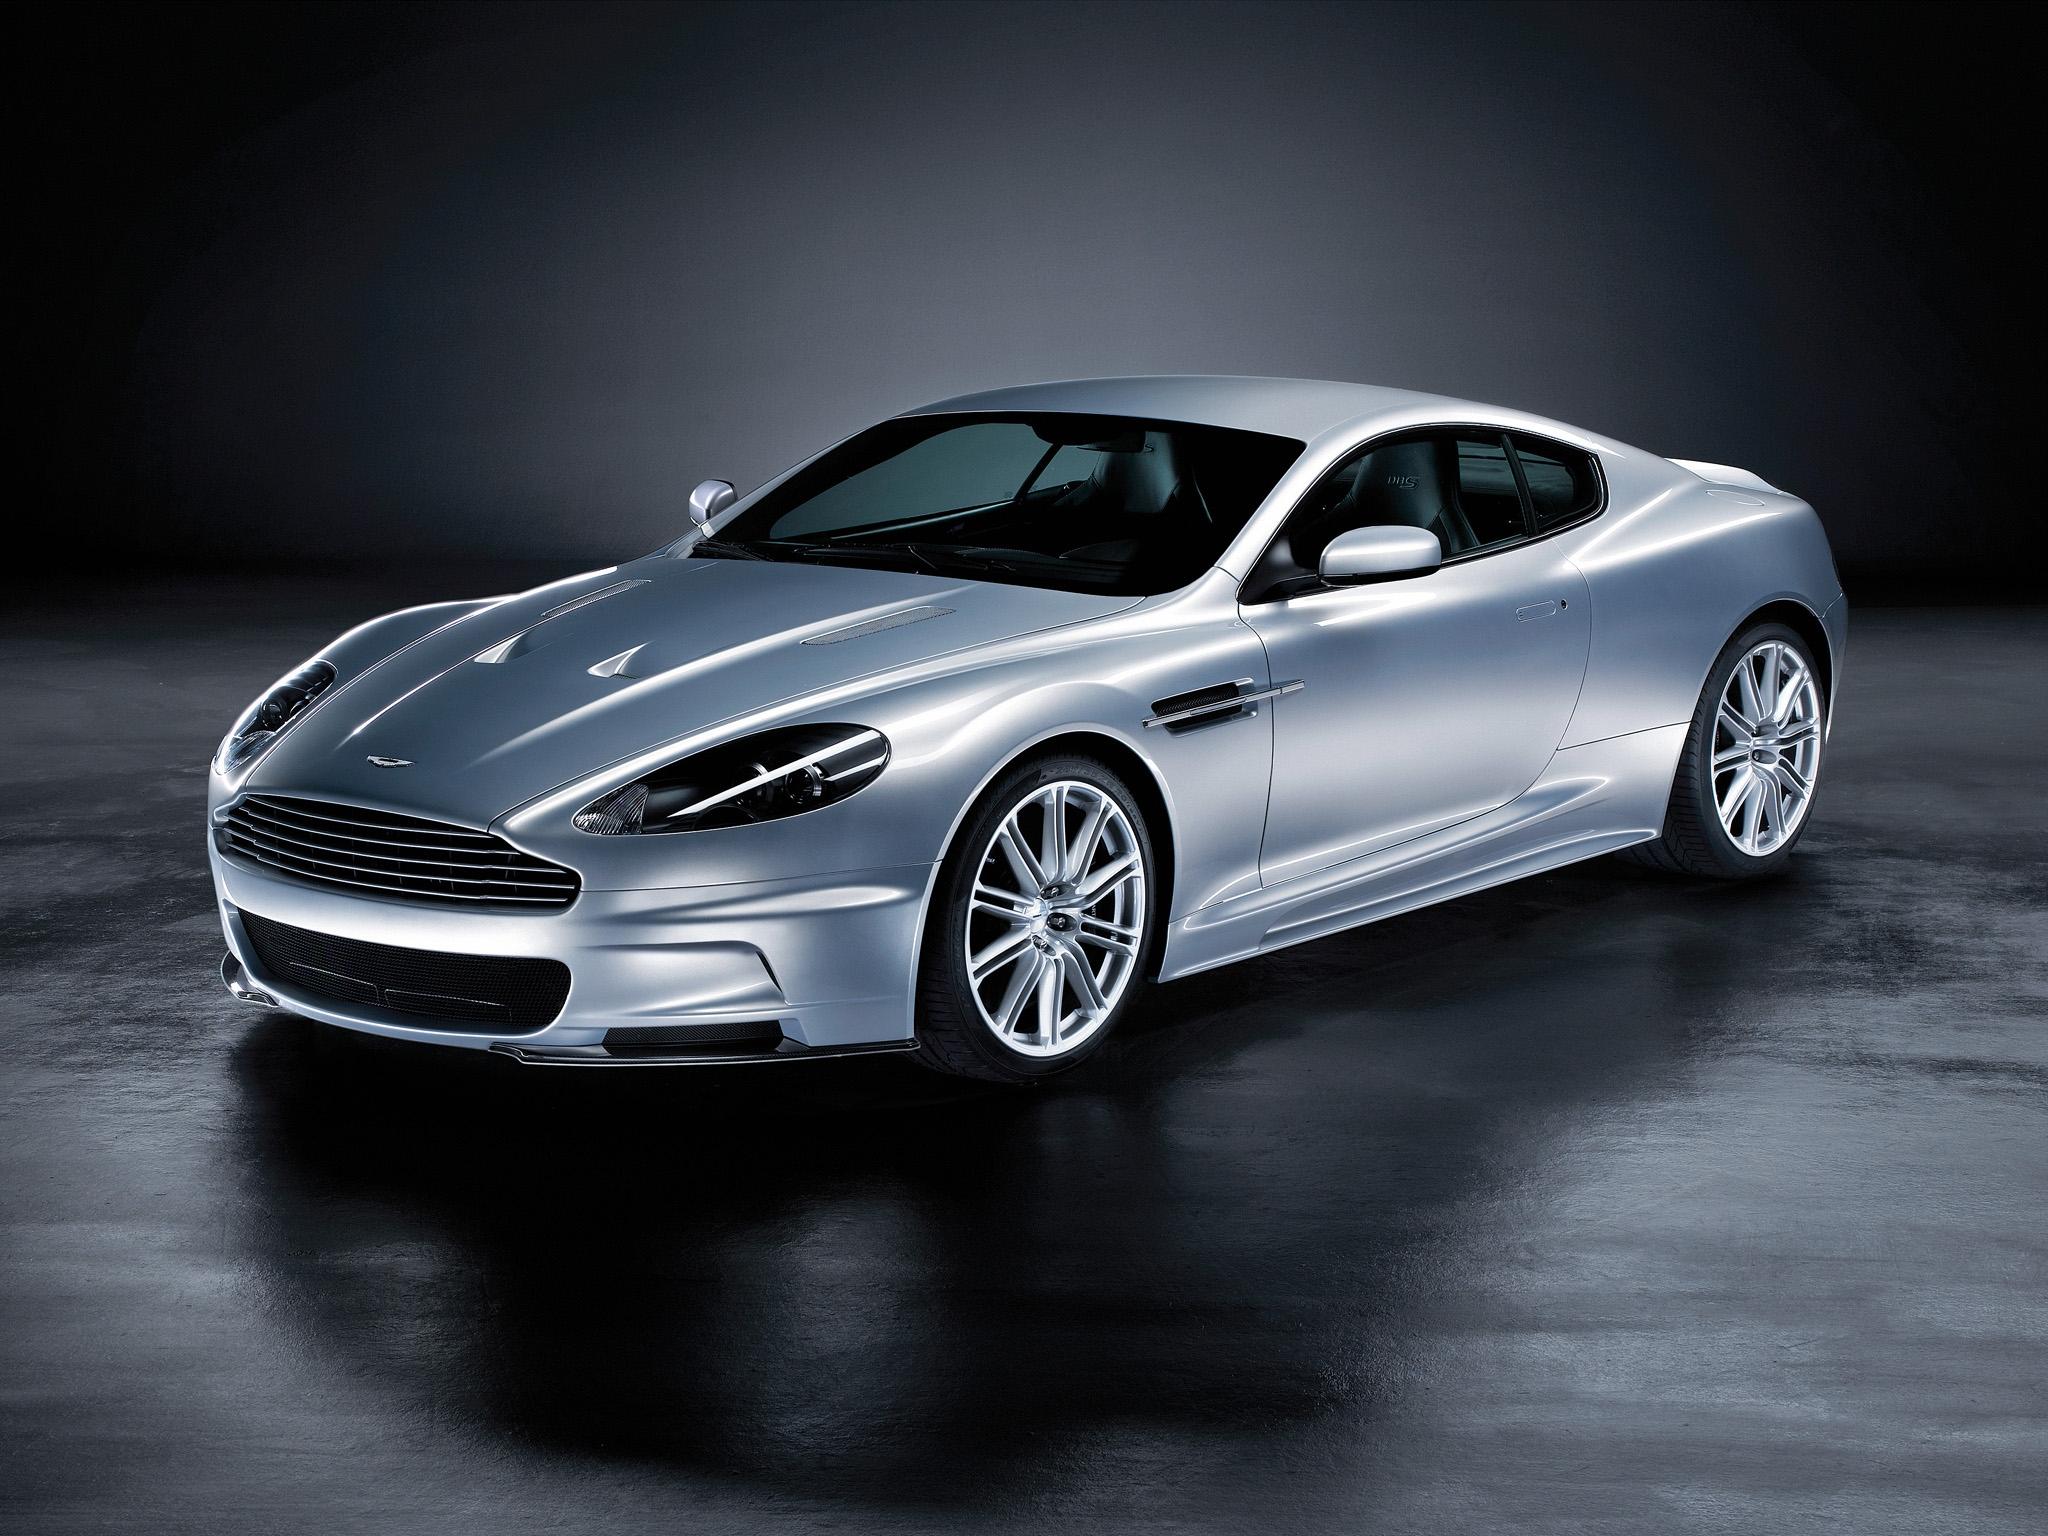 67674 скачать обои Астон Мартин (Aston Martin), Тачки (Cars), Отражение, Вид Сбоку, Стиль, Dbs, 2008, Серебряный Металлик - заставки и картинки бесплатно